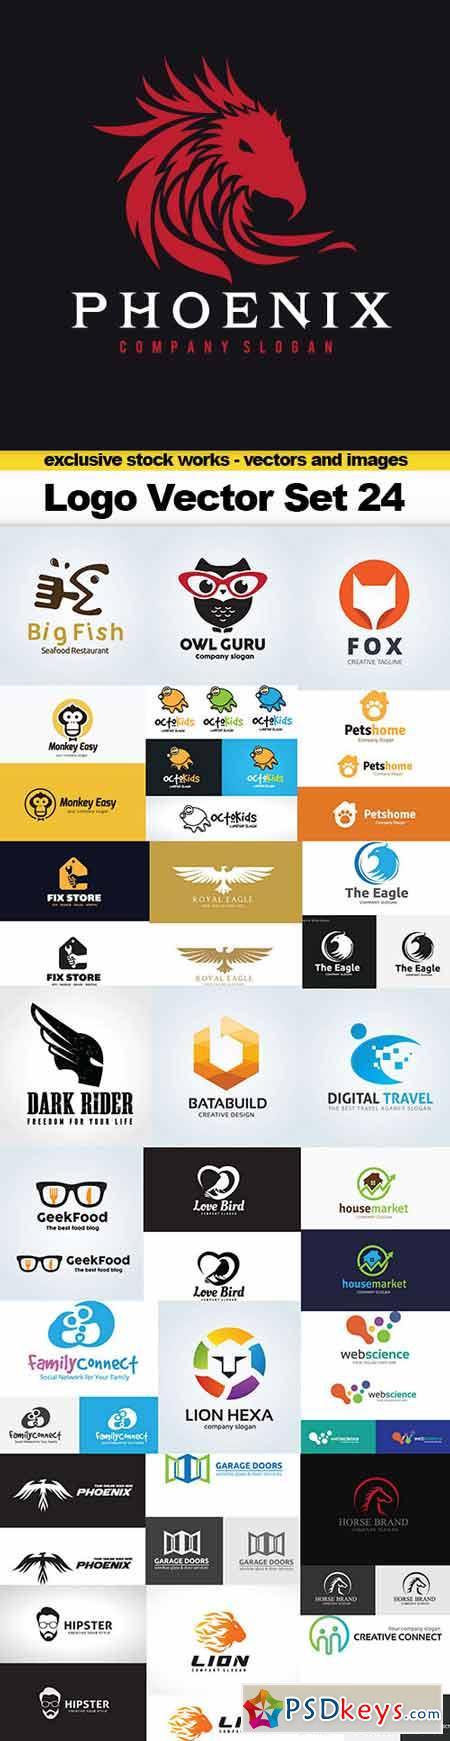 Logo Vector Set 24 - 25x EPS